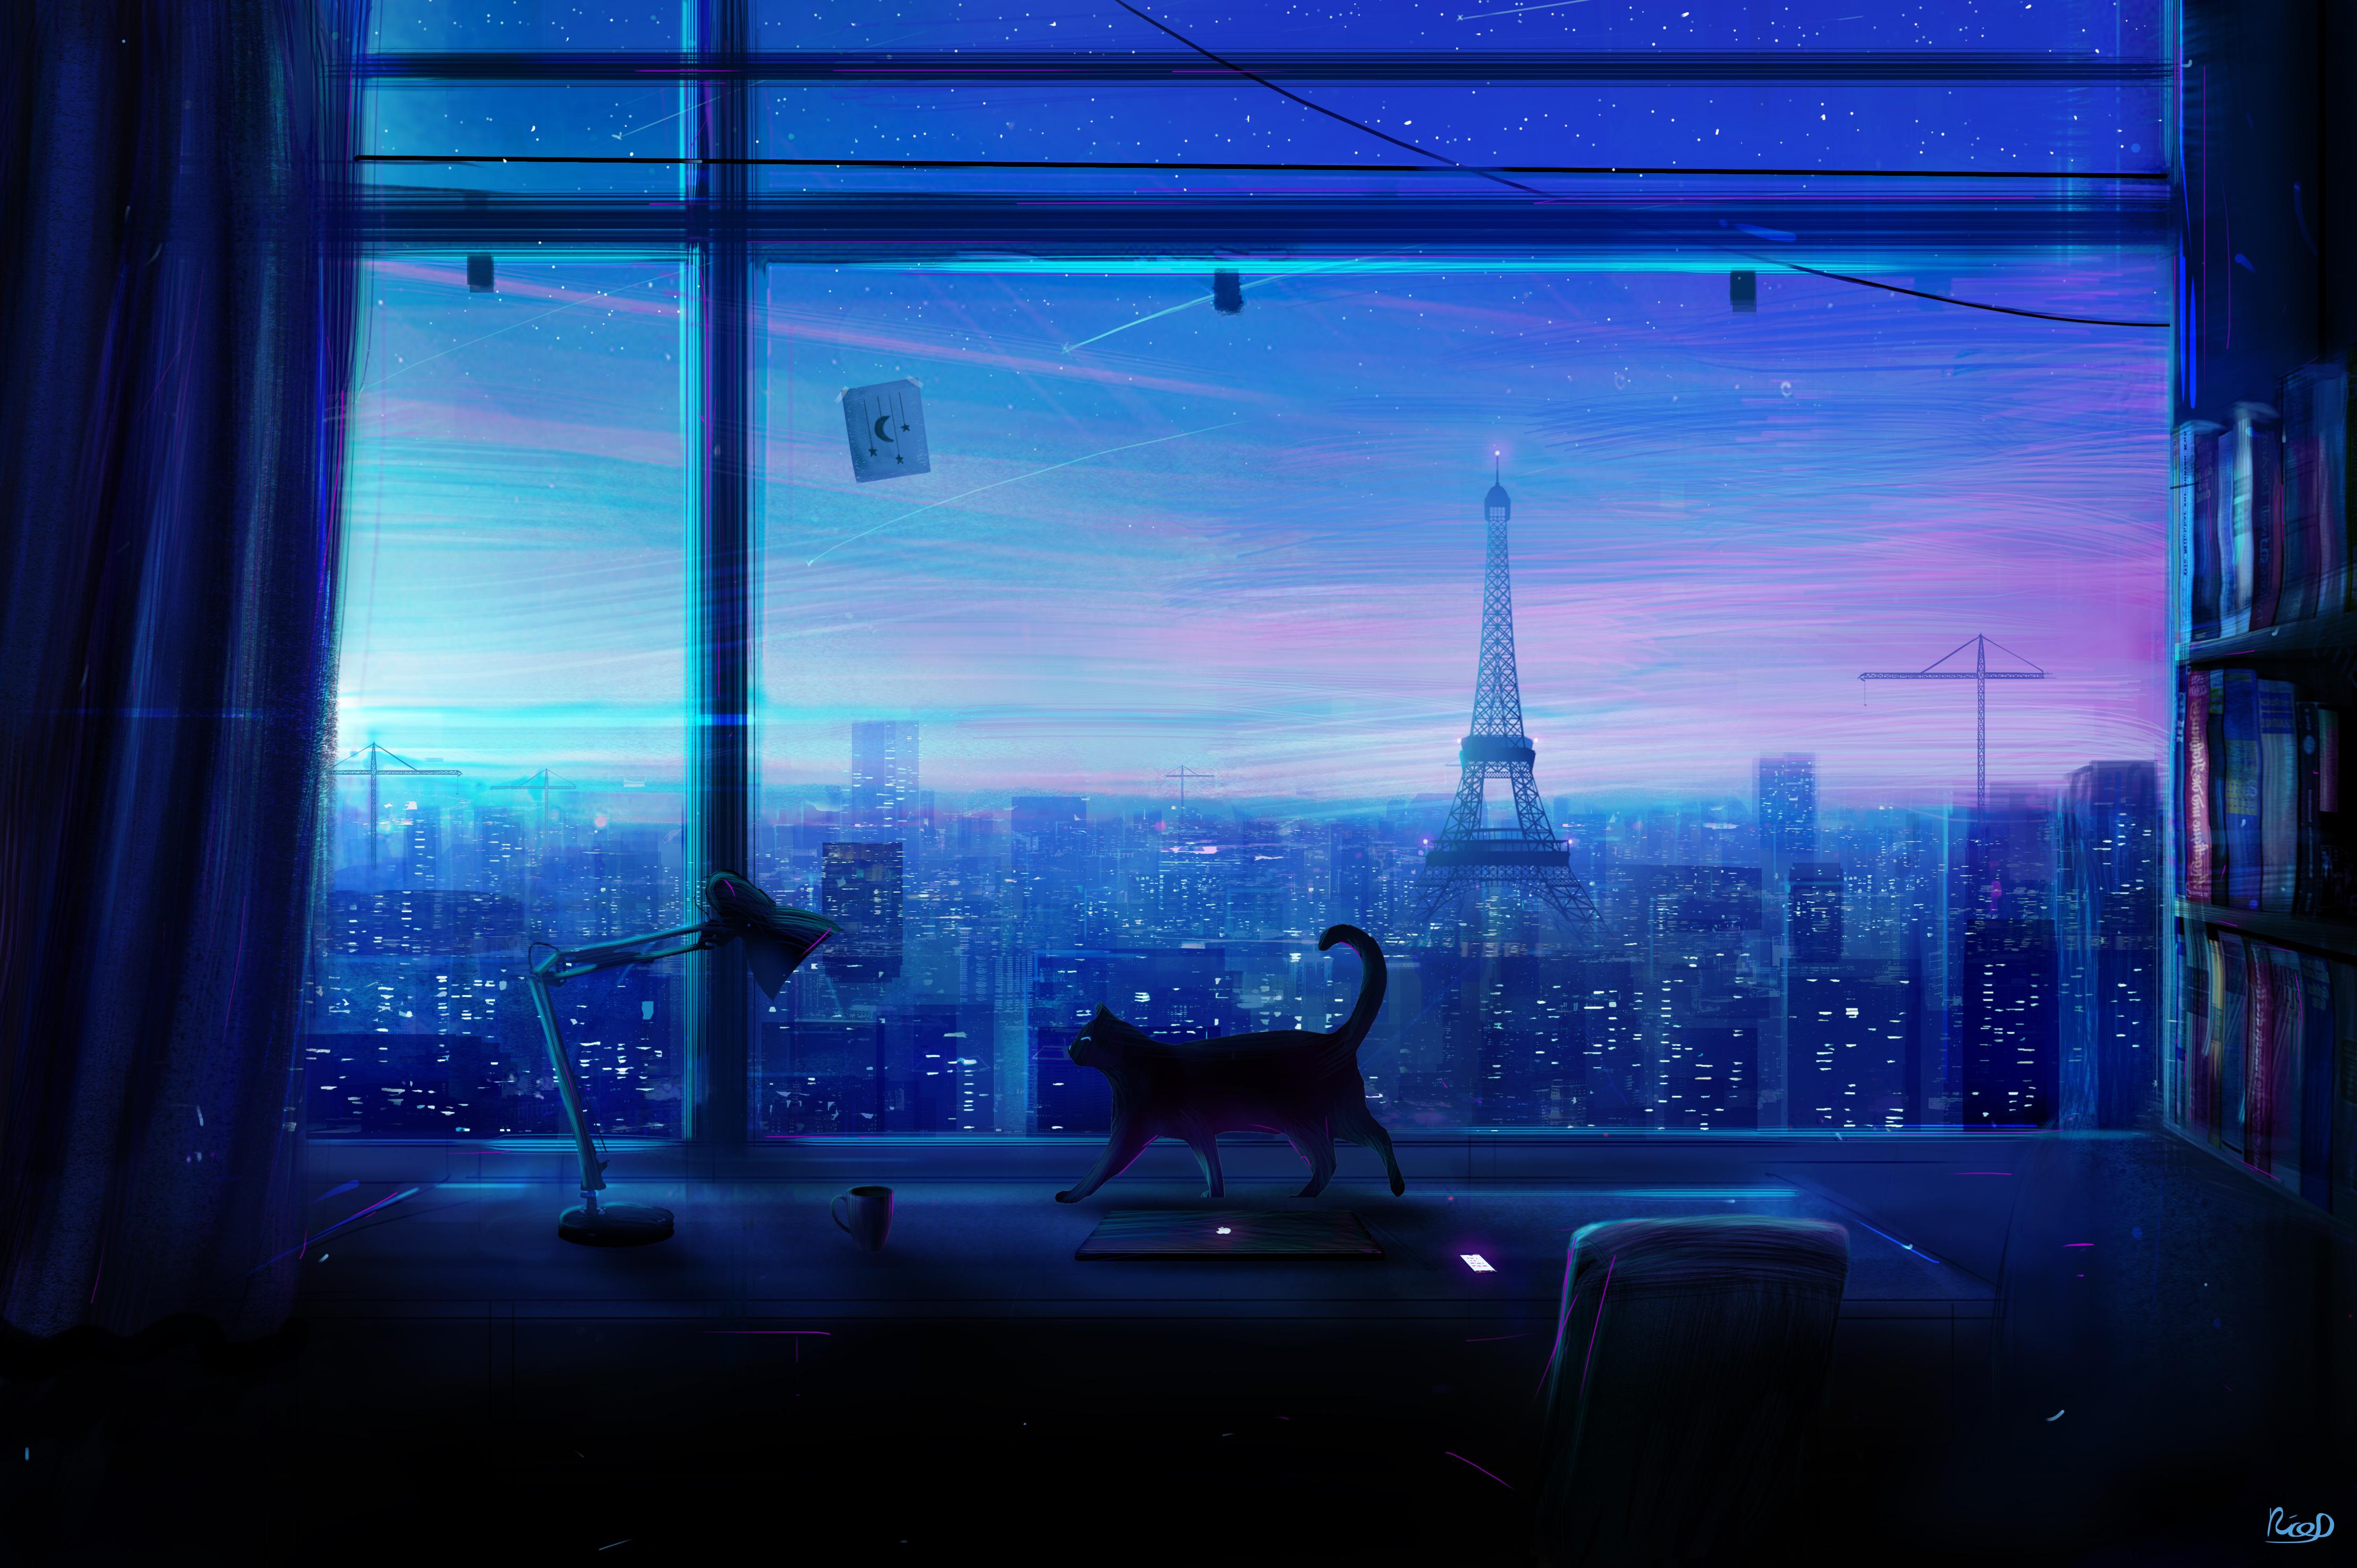 138842 Hintergrundbild herunterladen Katze, Kunst, Stadt, Fenster, Aussicht, Ansehen - Bildschirmschoner und Bilder kostenlos